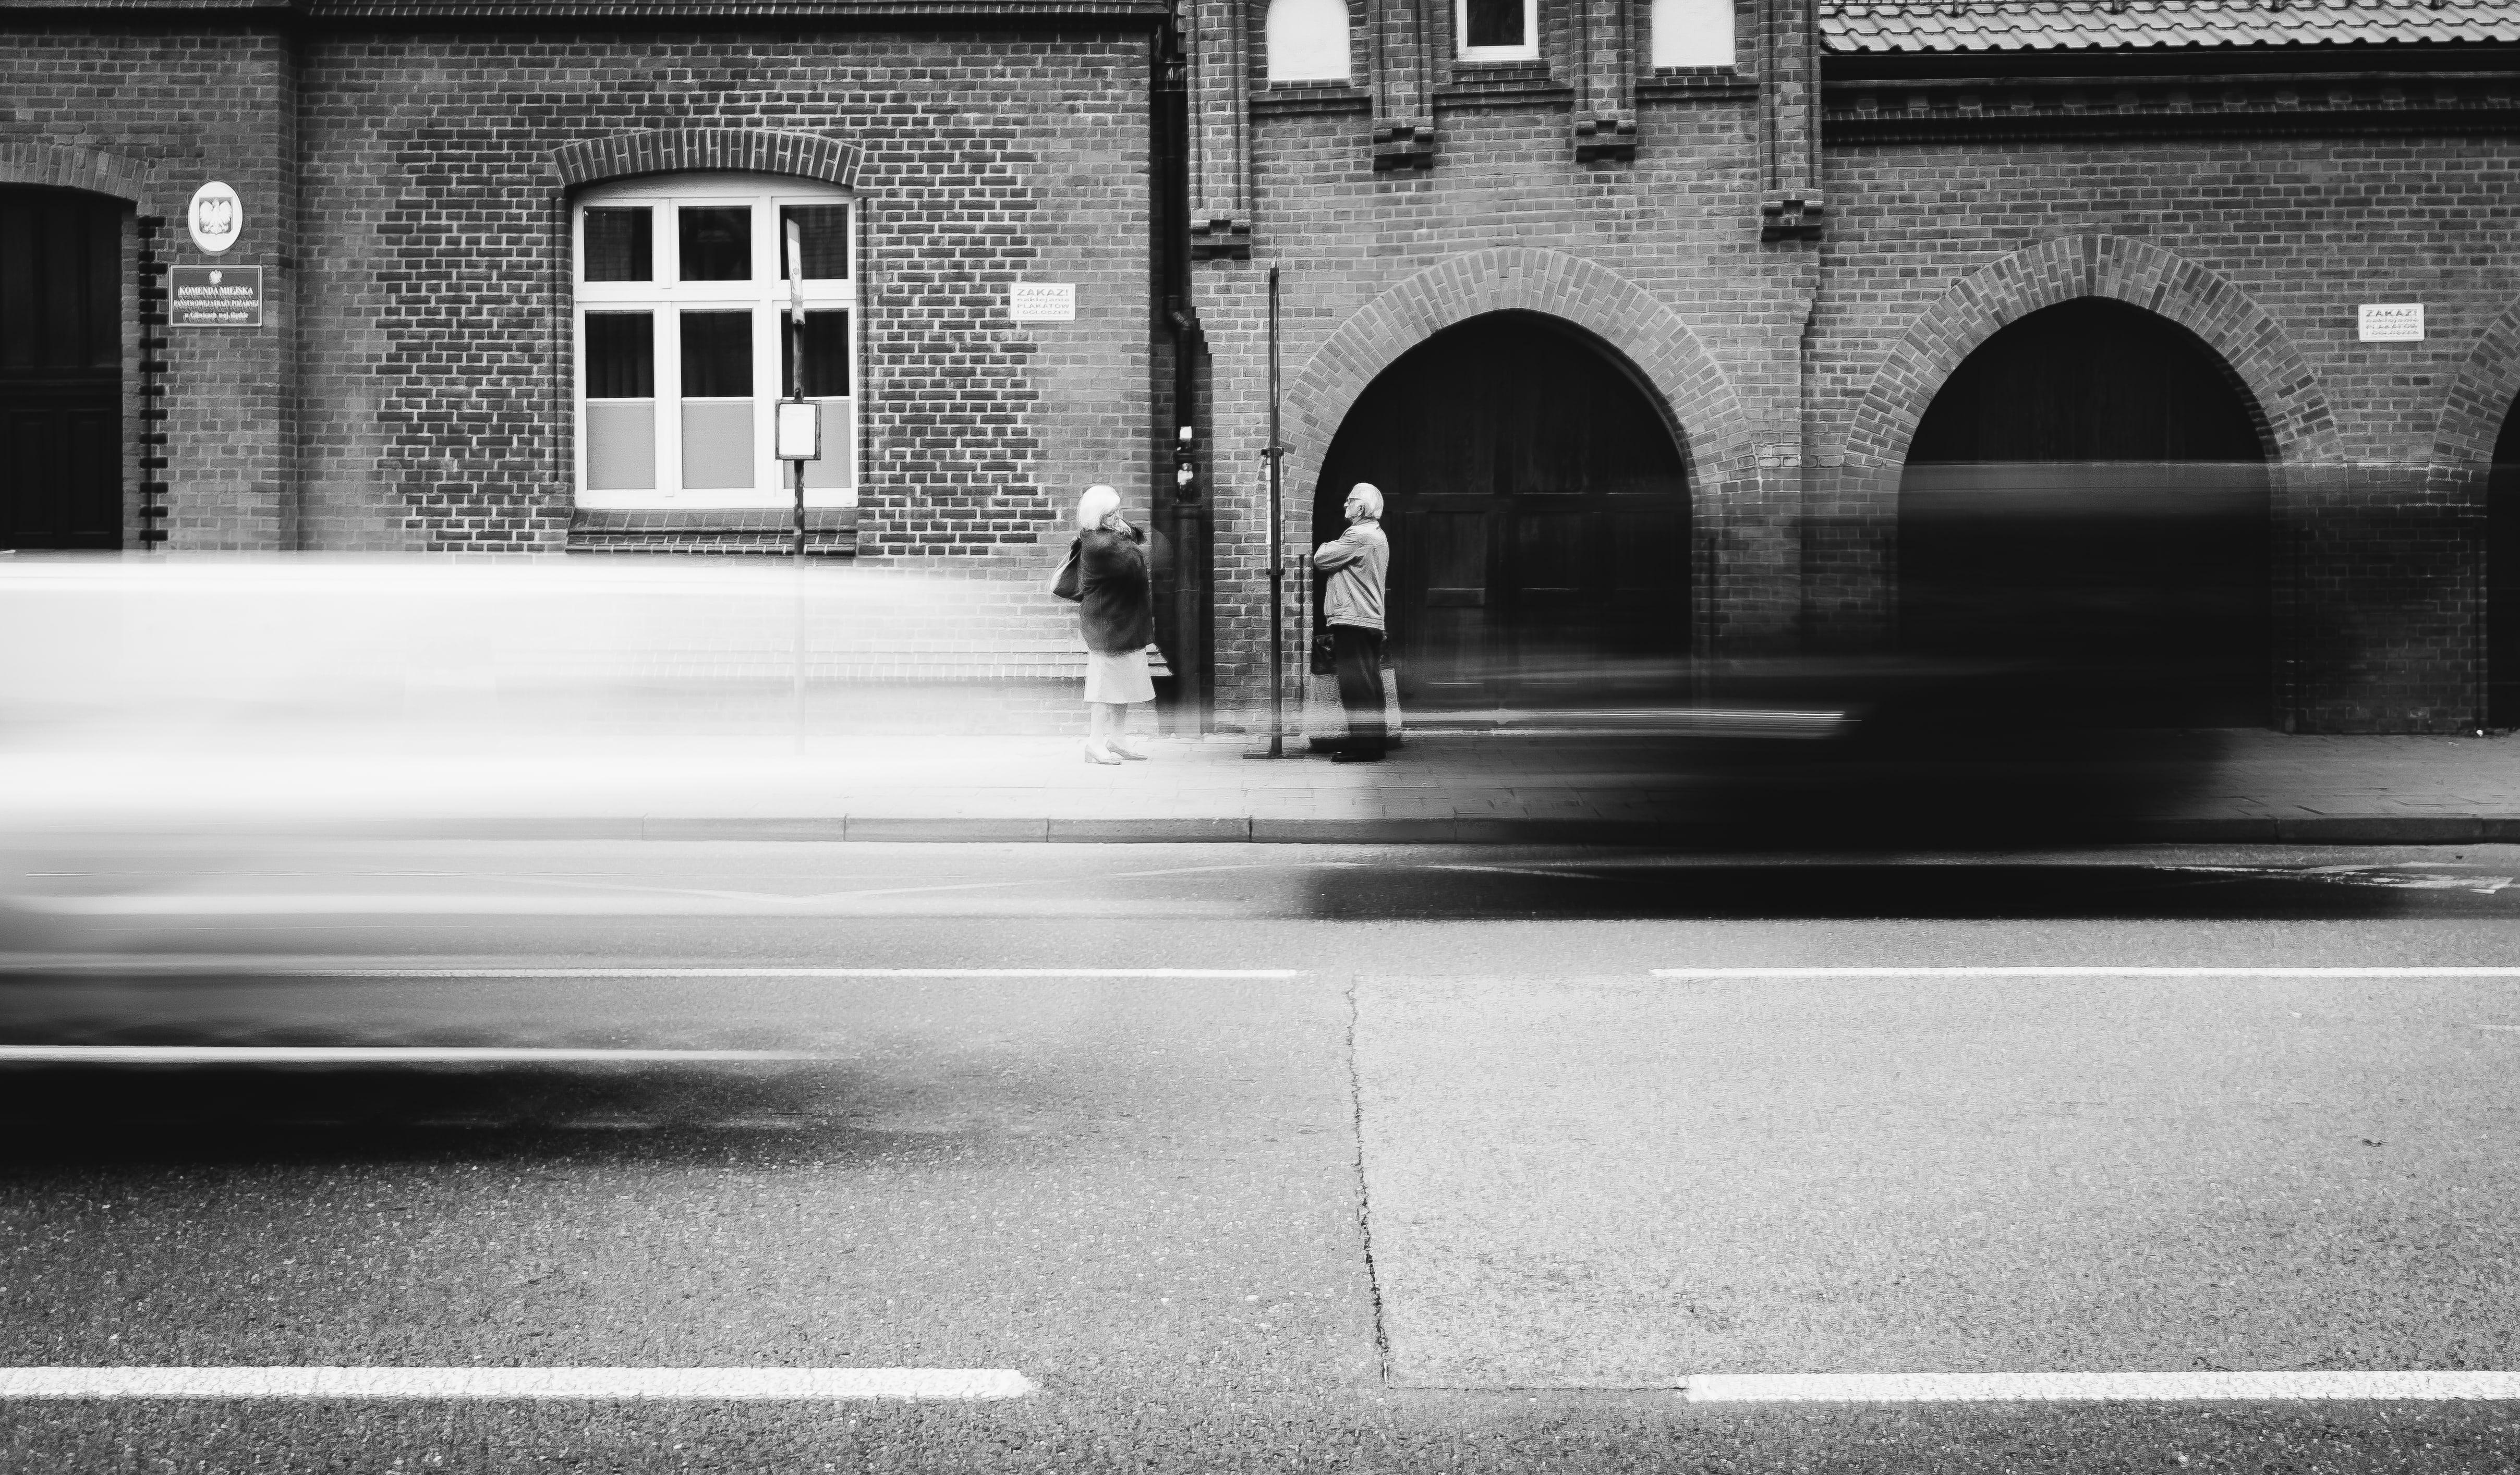 marcin-baran-fotografo-urbano-gente-en-la-ciudad-2